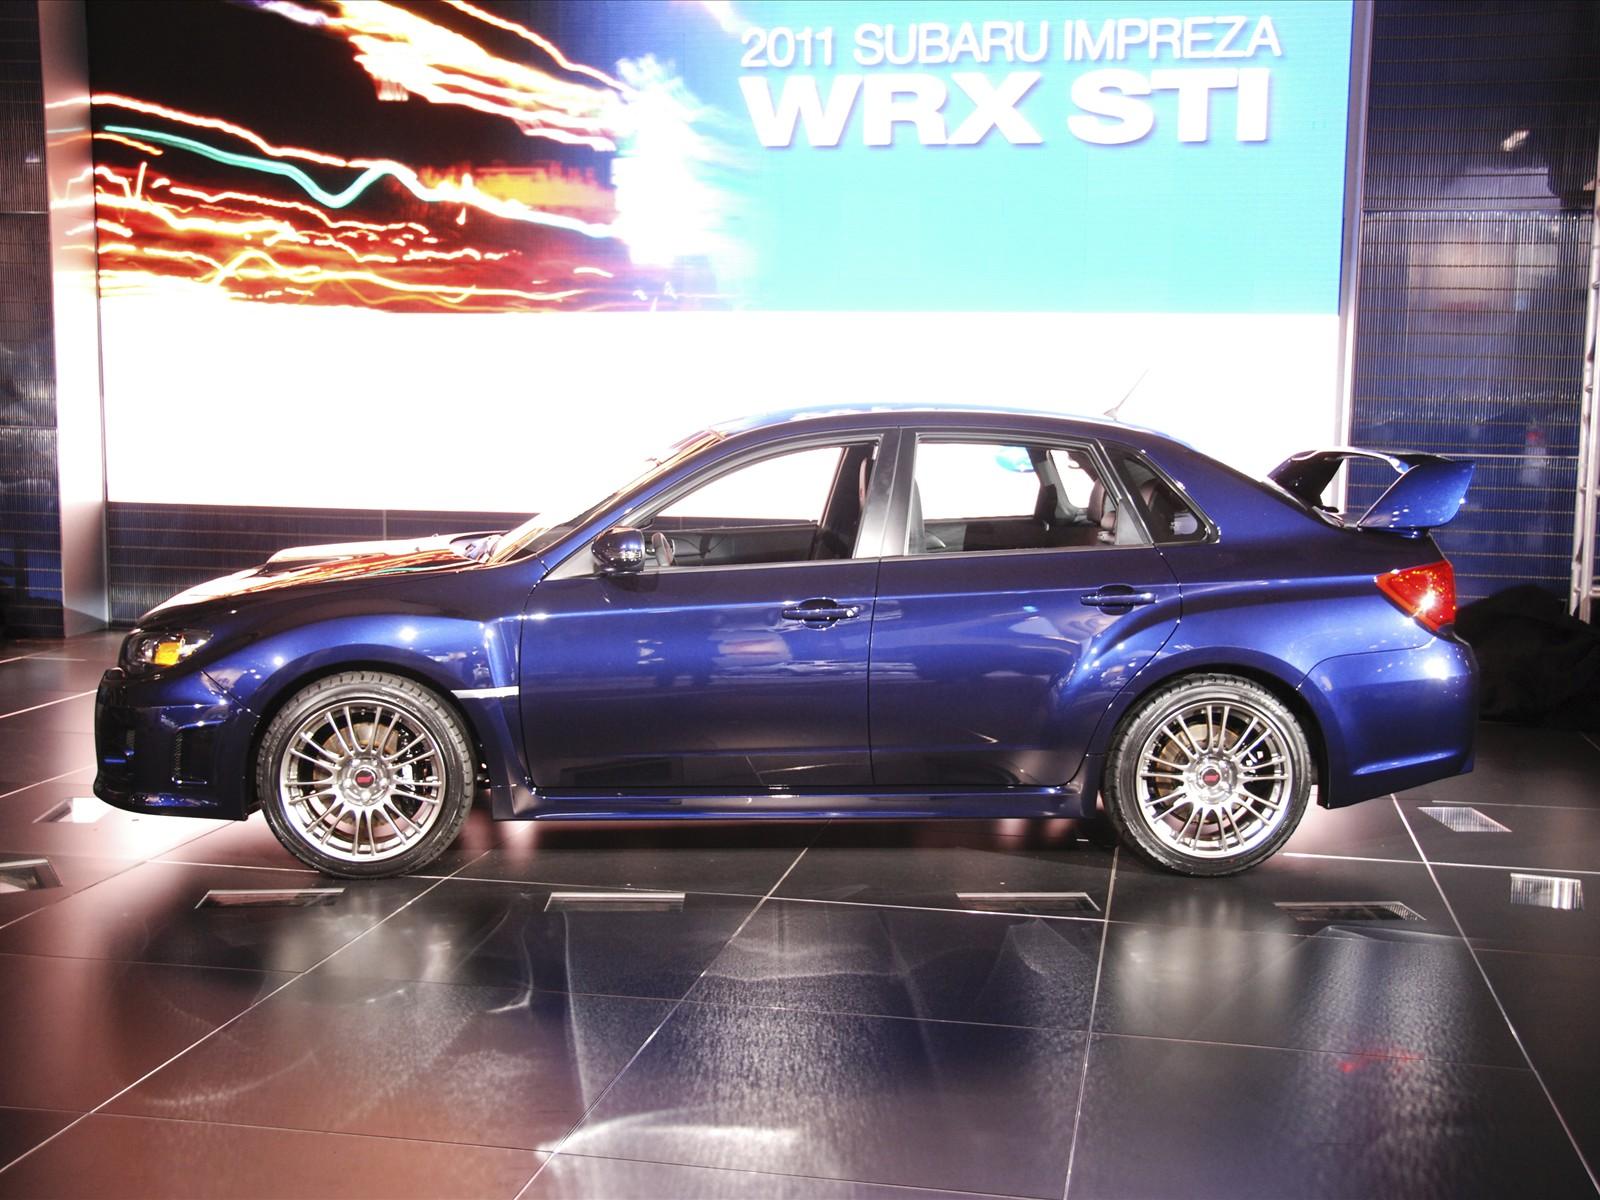 http://1.bp.blogspot.com/-hrvES769dV8/Tajw7tGq4II/AAAAAAAACOA/7bj-1DwhKkA/s1600/Subaru+Impreza+WRX+STI+2011+pics.jpg